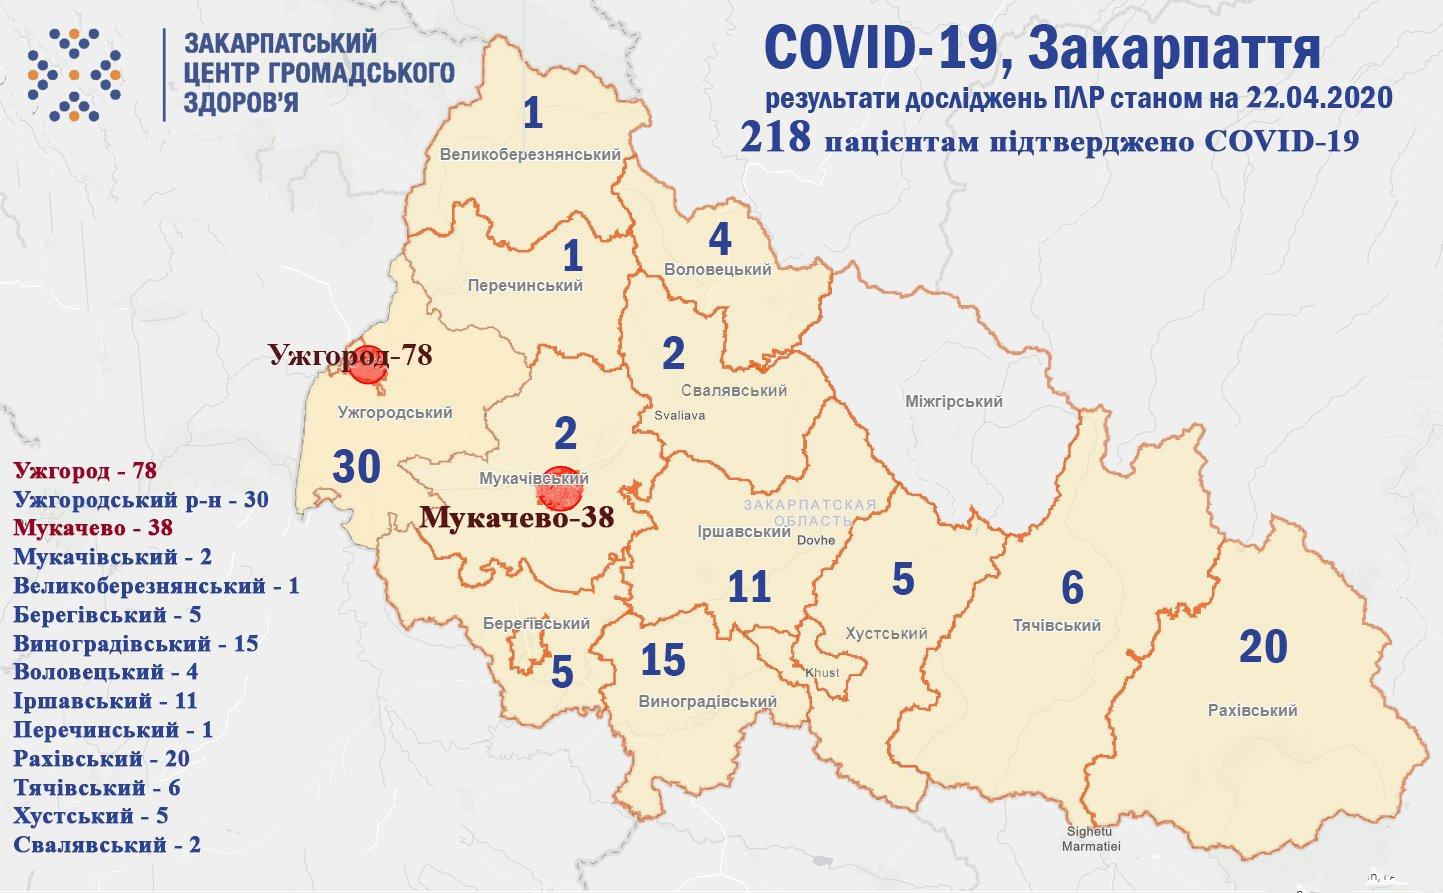 218 закарпатців захворіли на коронавірус. З них 48 медиків та 10 дітей